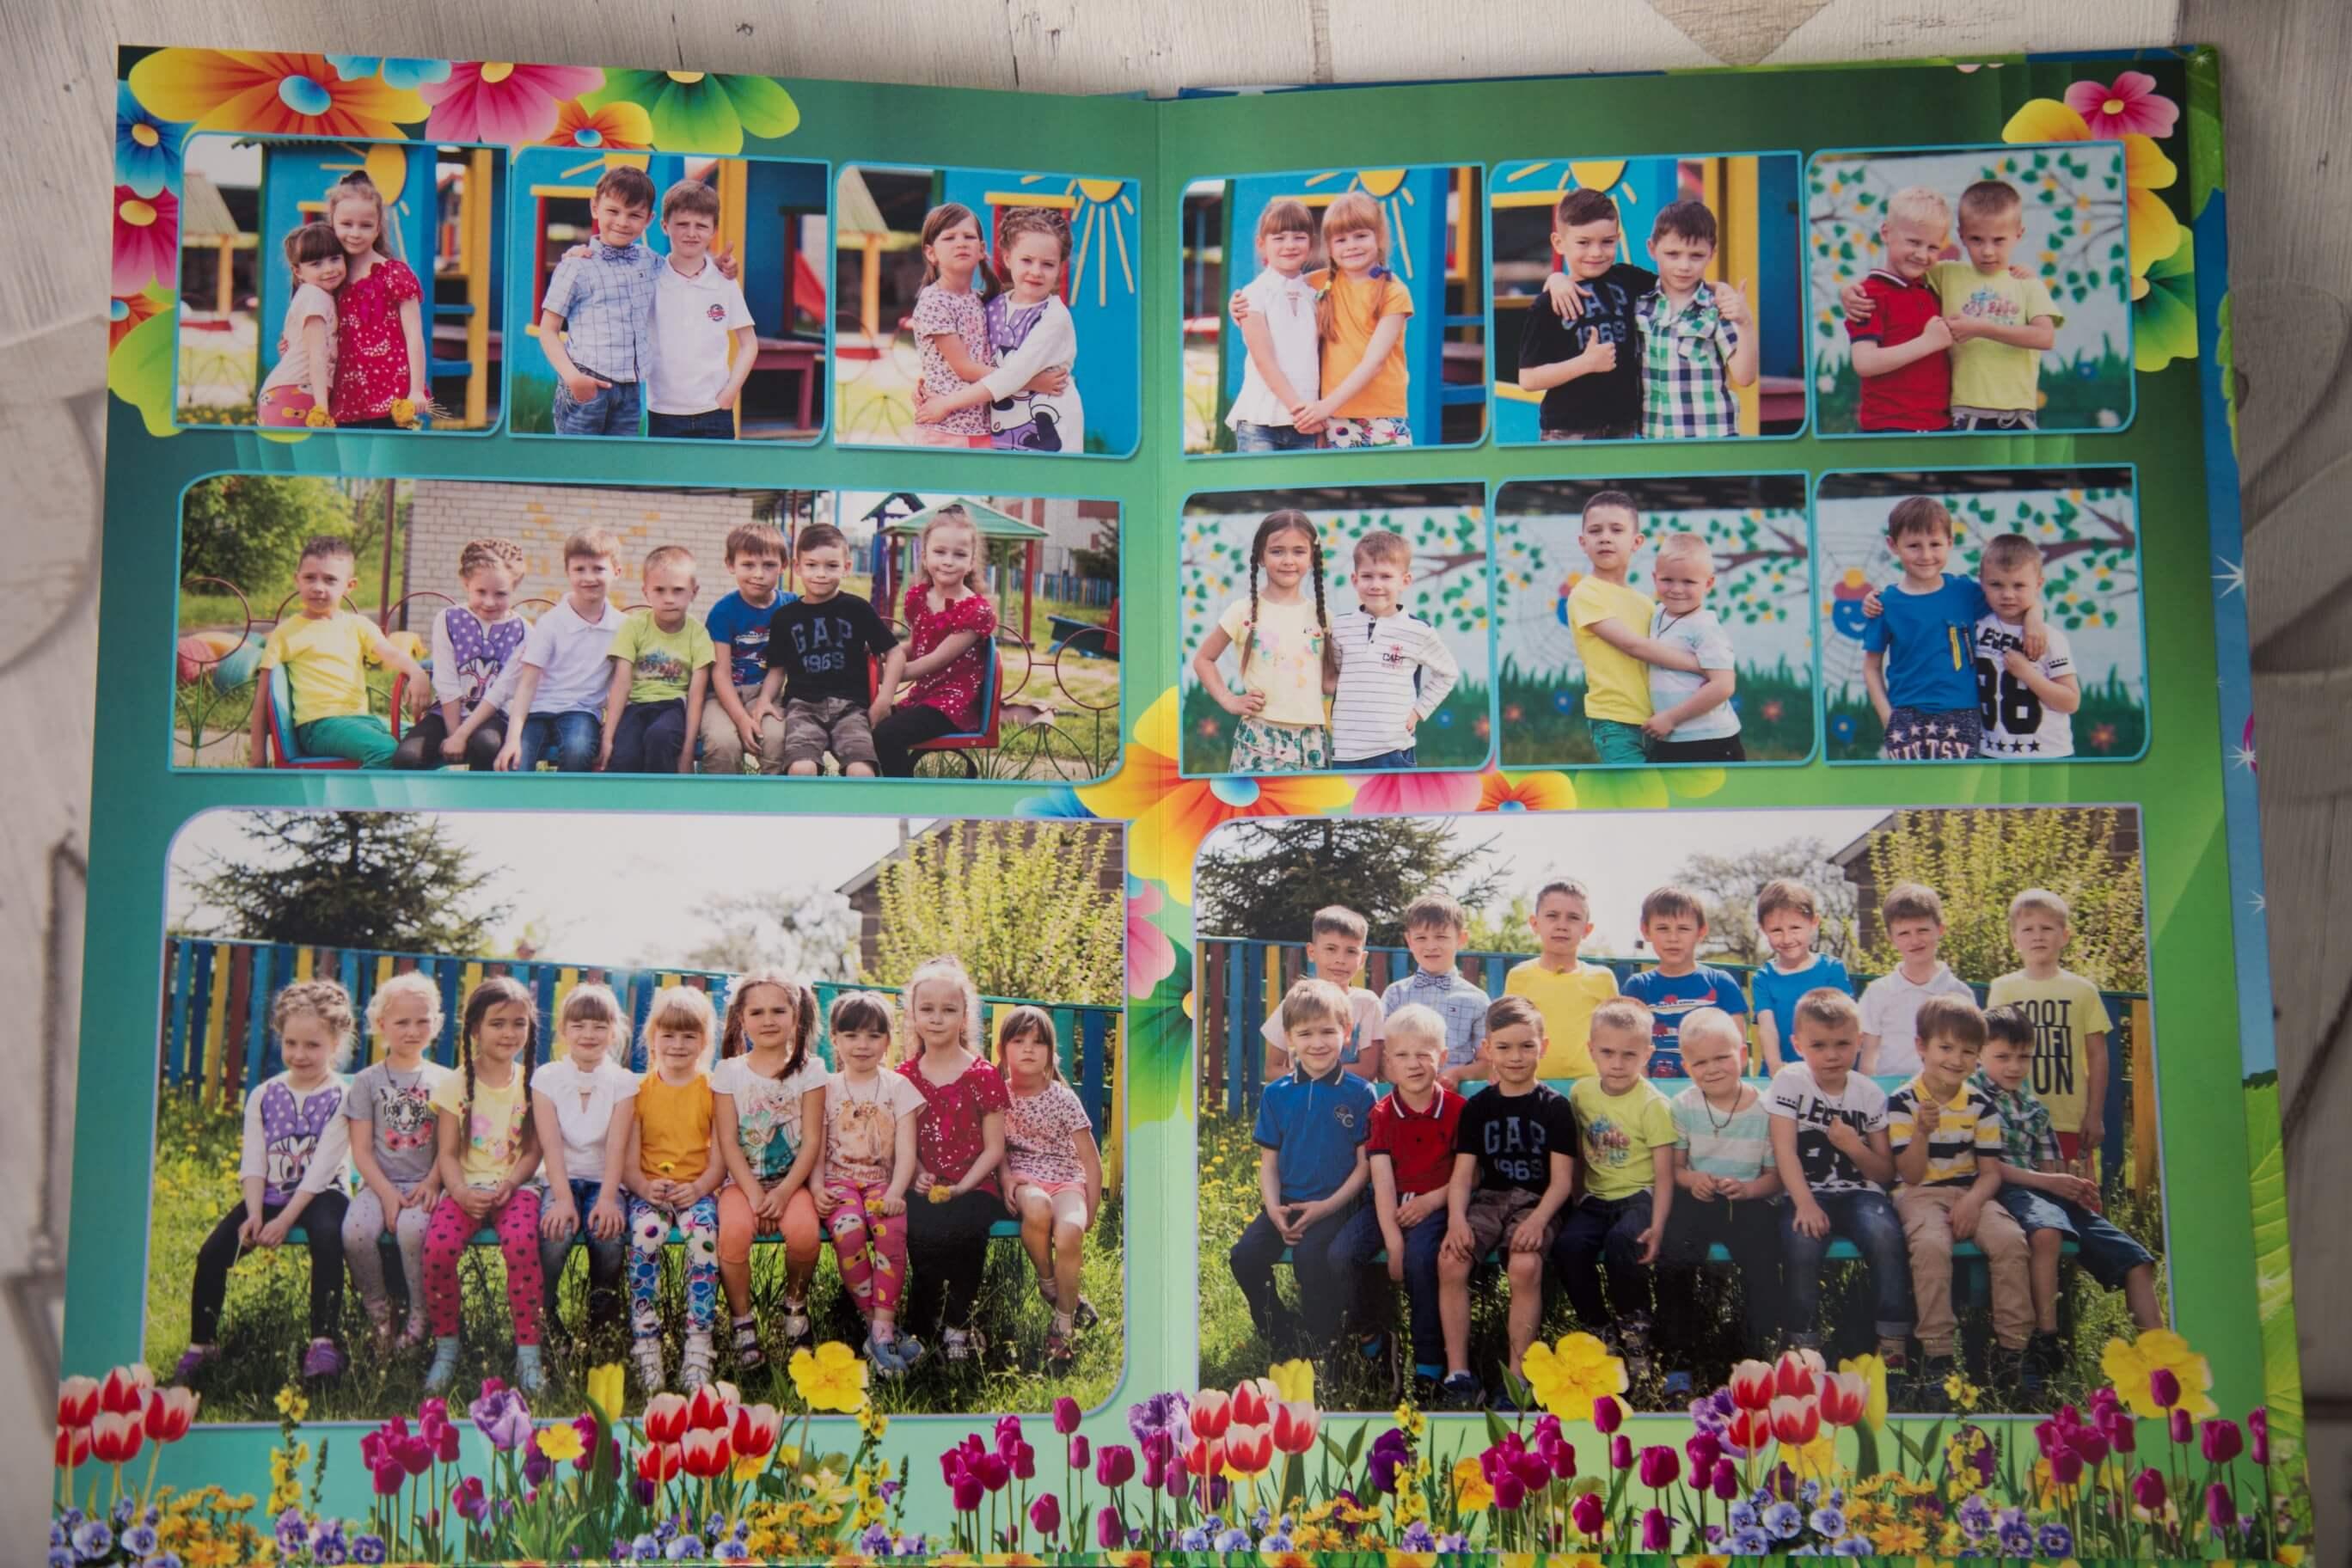 zakazat' vypusknye fotoal'bomy fotoknigi al'bomy dlja detskogo sada cena Kiev vypusknye al'bomy dlja sadika kiev Vypusknoj al'bom v detskij sad